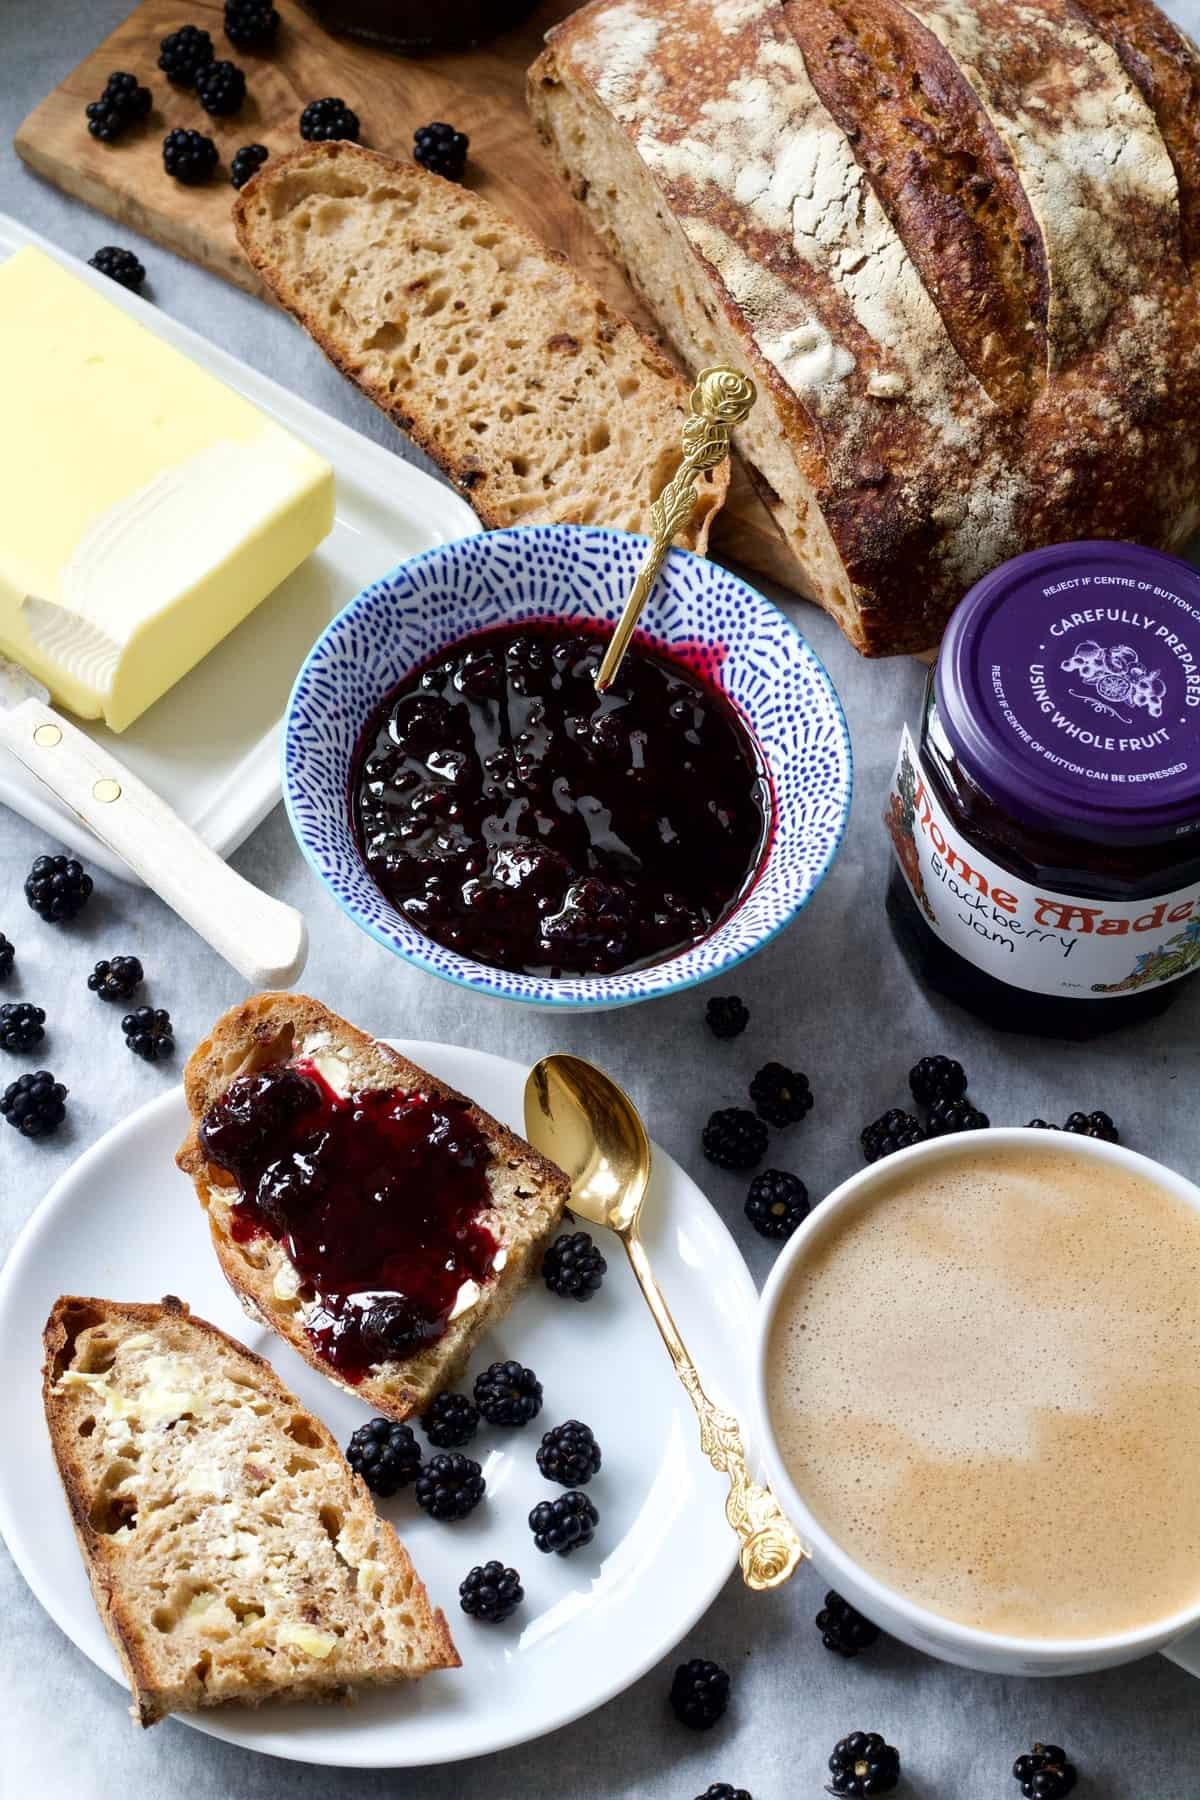 Breakfast spread with bread, blackberry jam, butter, coffee.